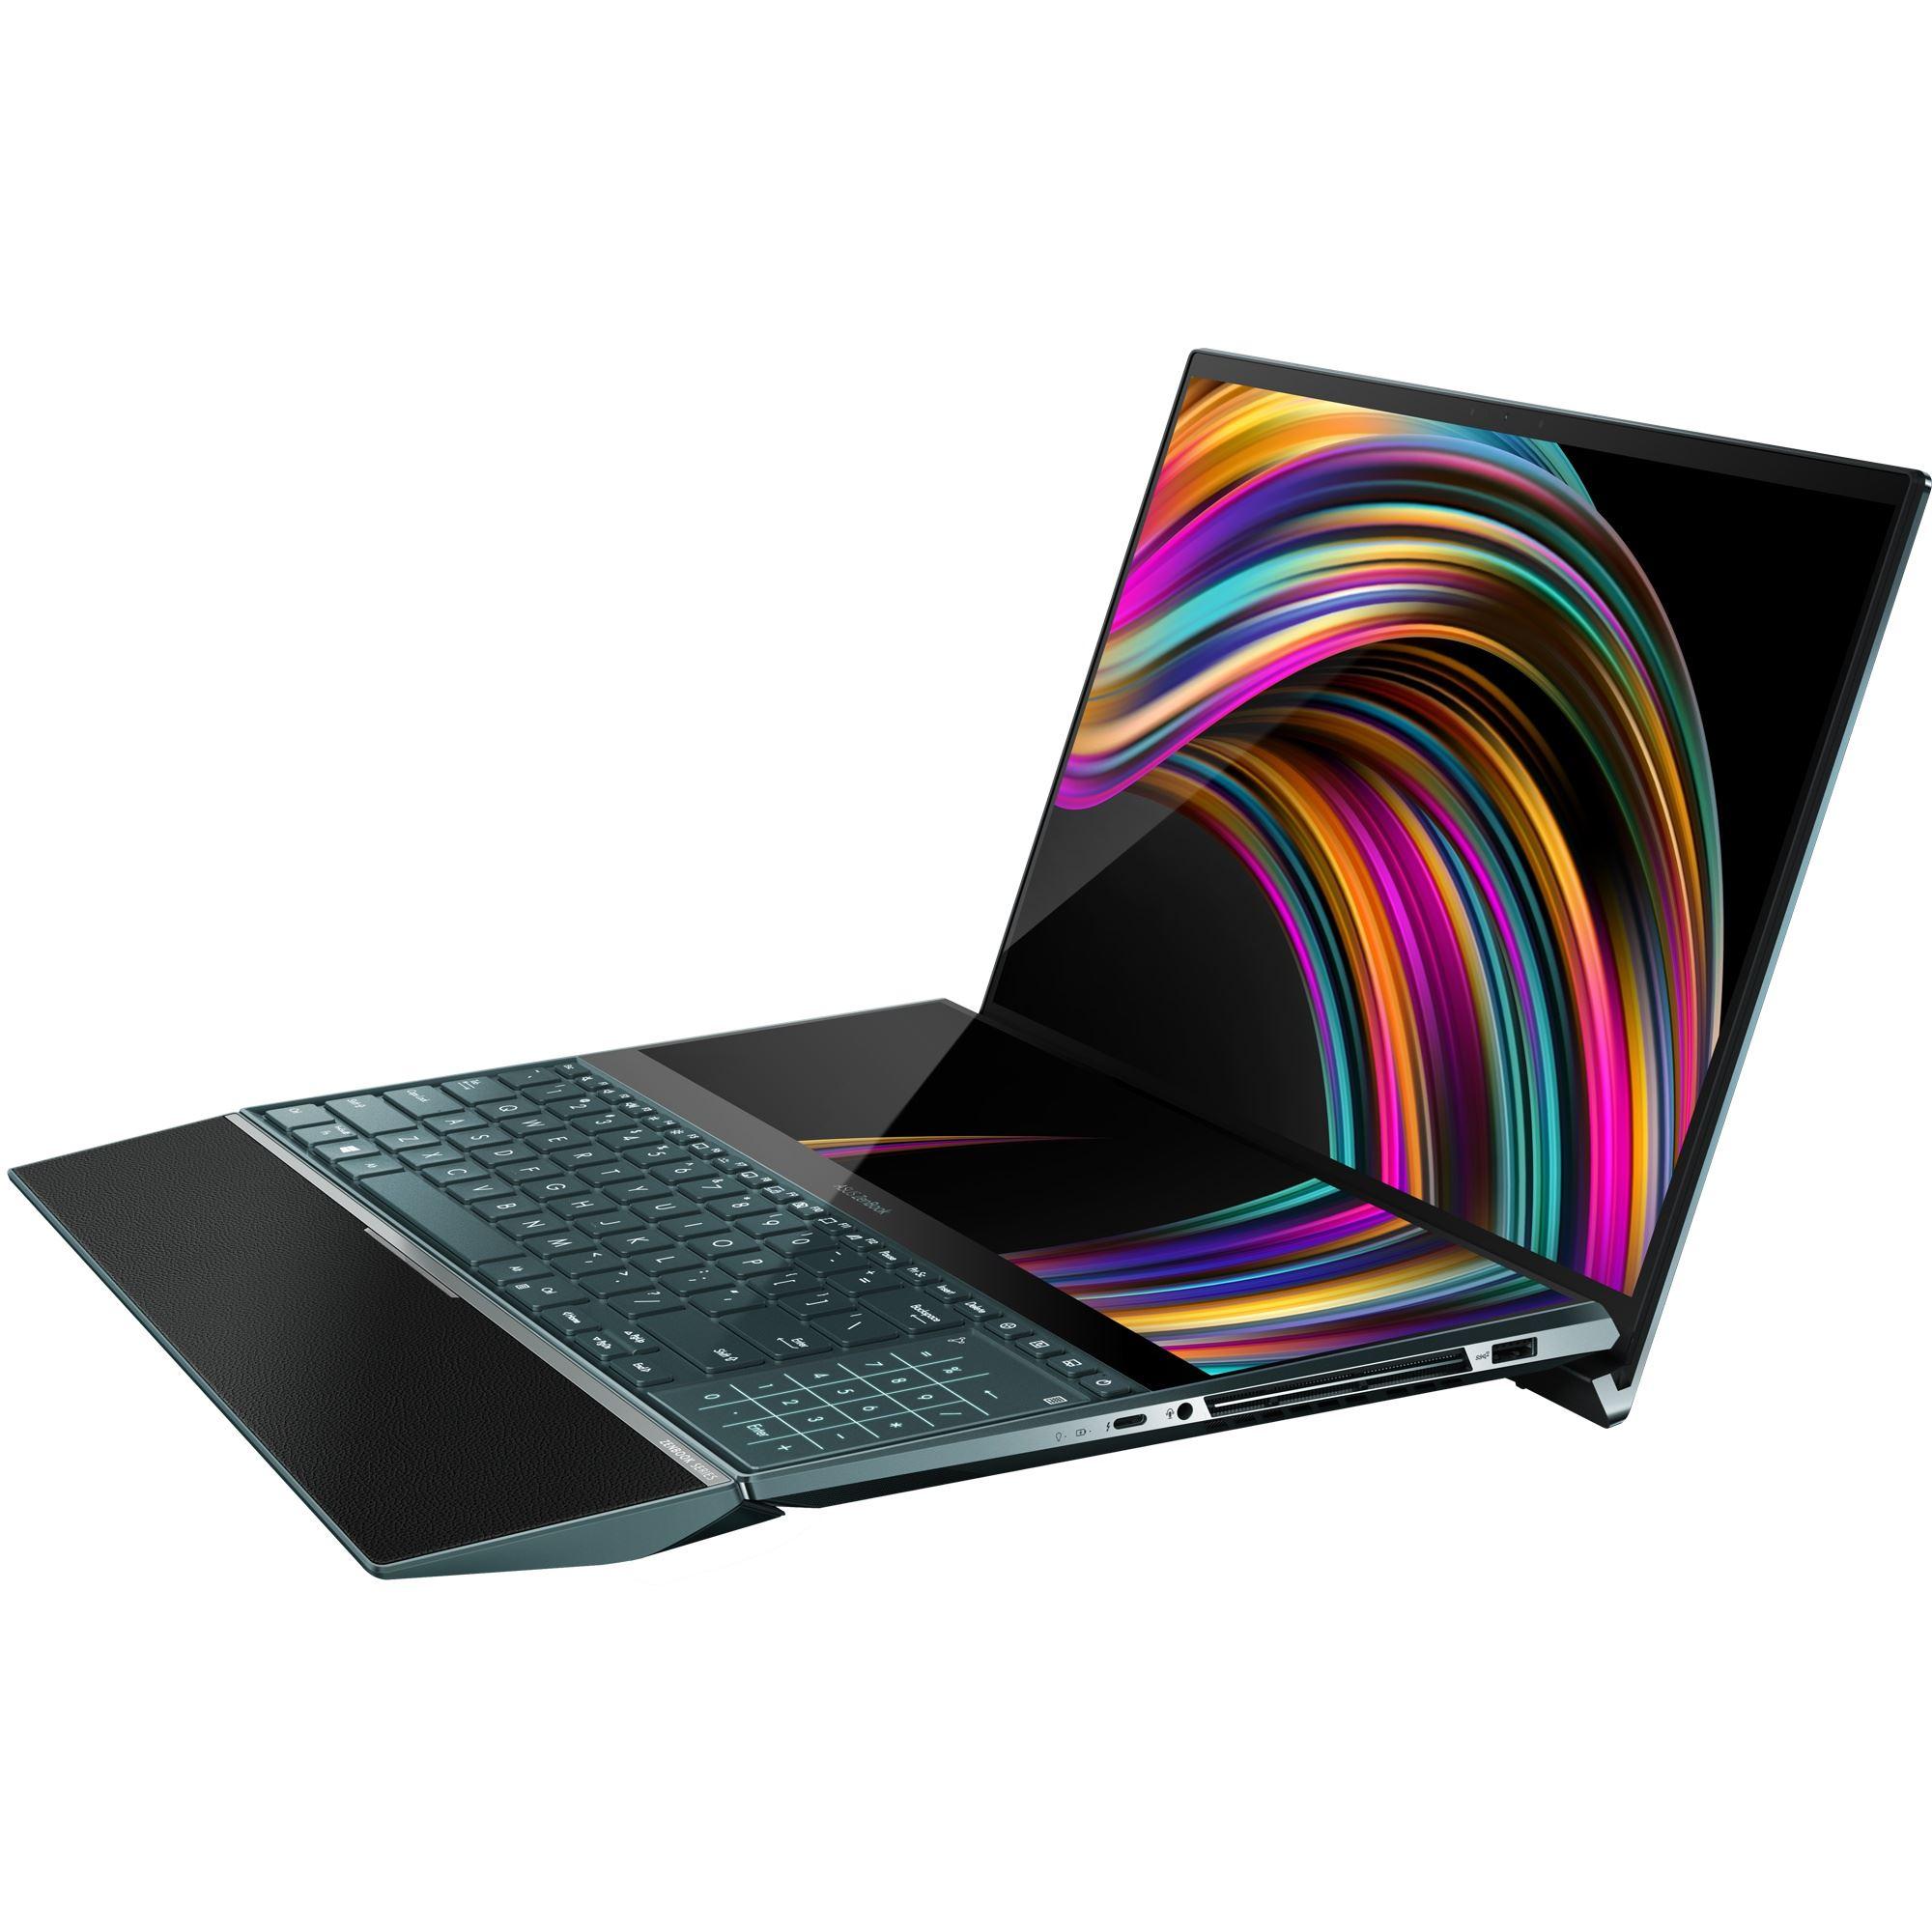 Asus-Zenbook-Pro-Duo-UX581-24